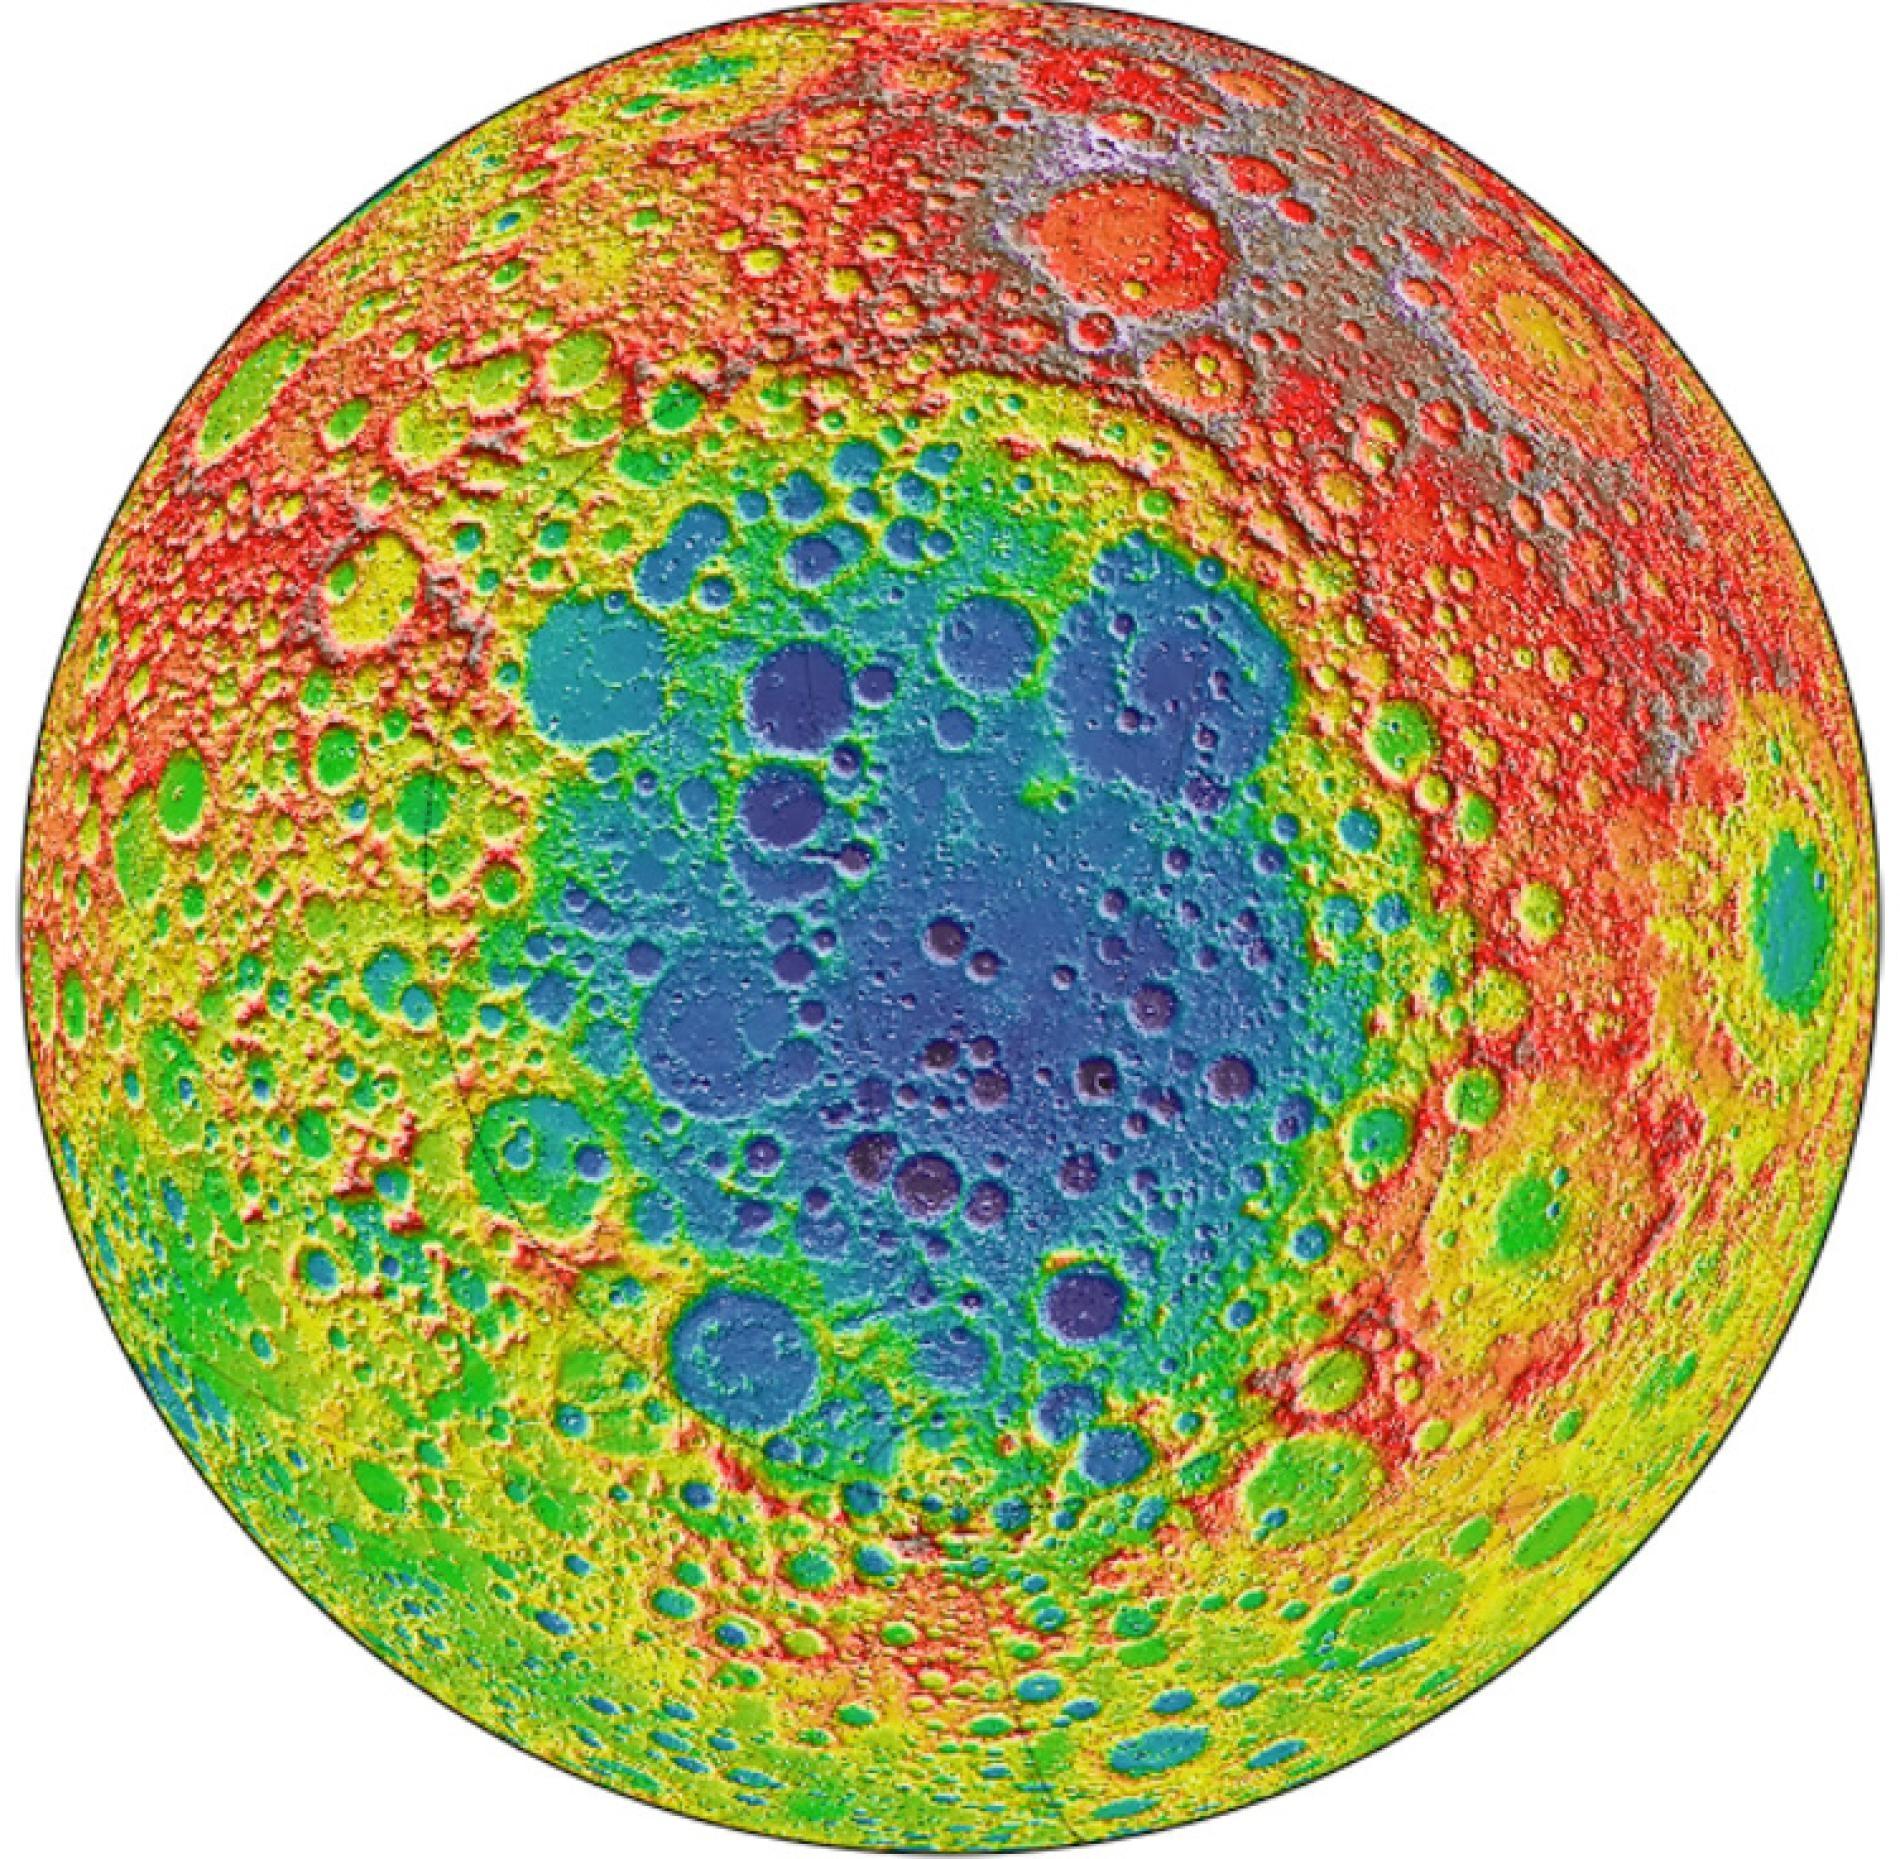 這張影像是根據美國航太總署(NASA)月球勘測軌道飛行器(Lunar Reconnaissance Orbiter,LRO)的數據所繪製,顯示出月球背面坑坑疤疤的樣子。藍色陰影處的南極-艾托肯盆地(South Pole-Aitken basin)是太陽系中已知最古老也最大的撞擊盆地,寬度約2500公里。PHOTOGRAPH BY NASA/GODDARD